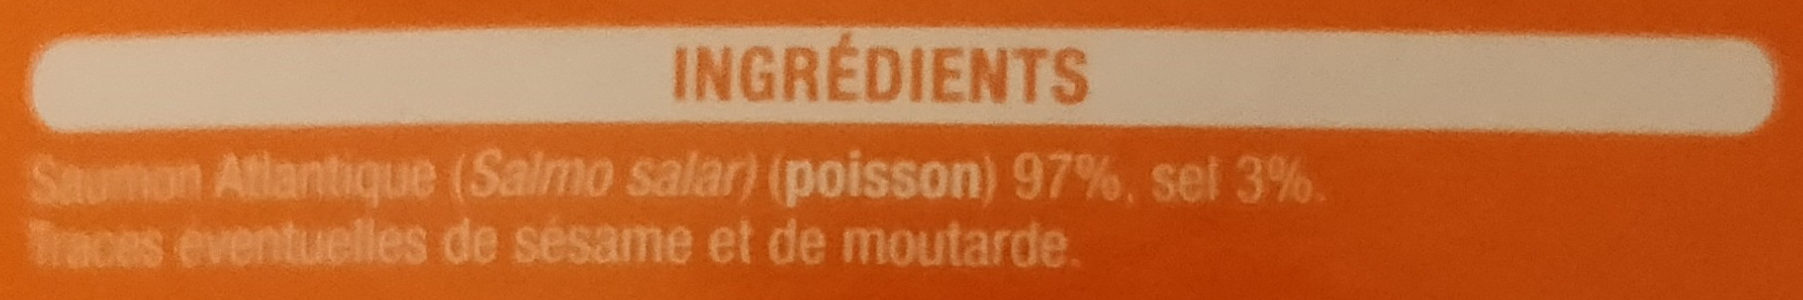 Dès de saumon fumé au bois de hêtre - Ingredients - fr